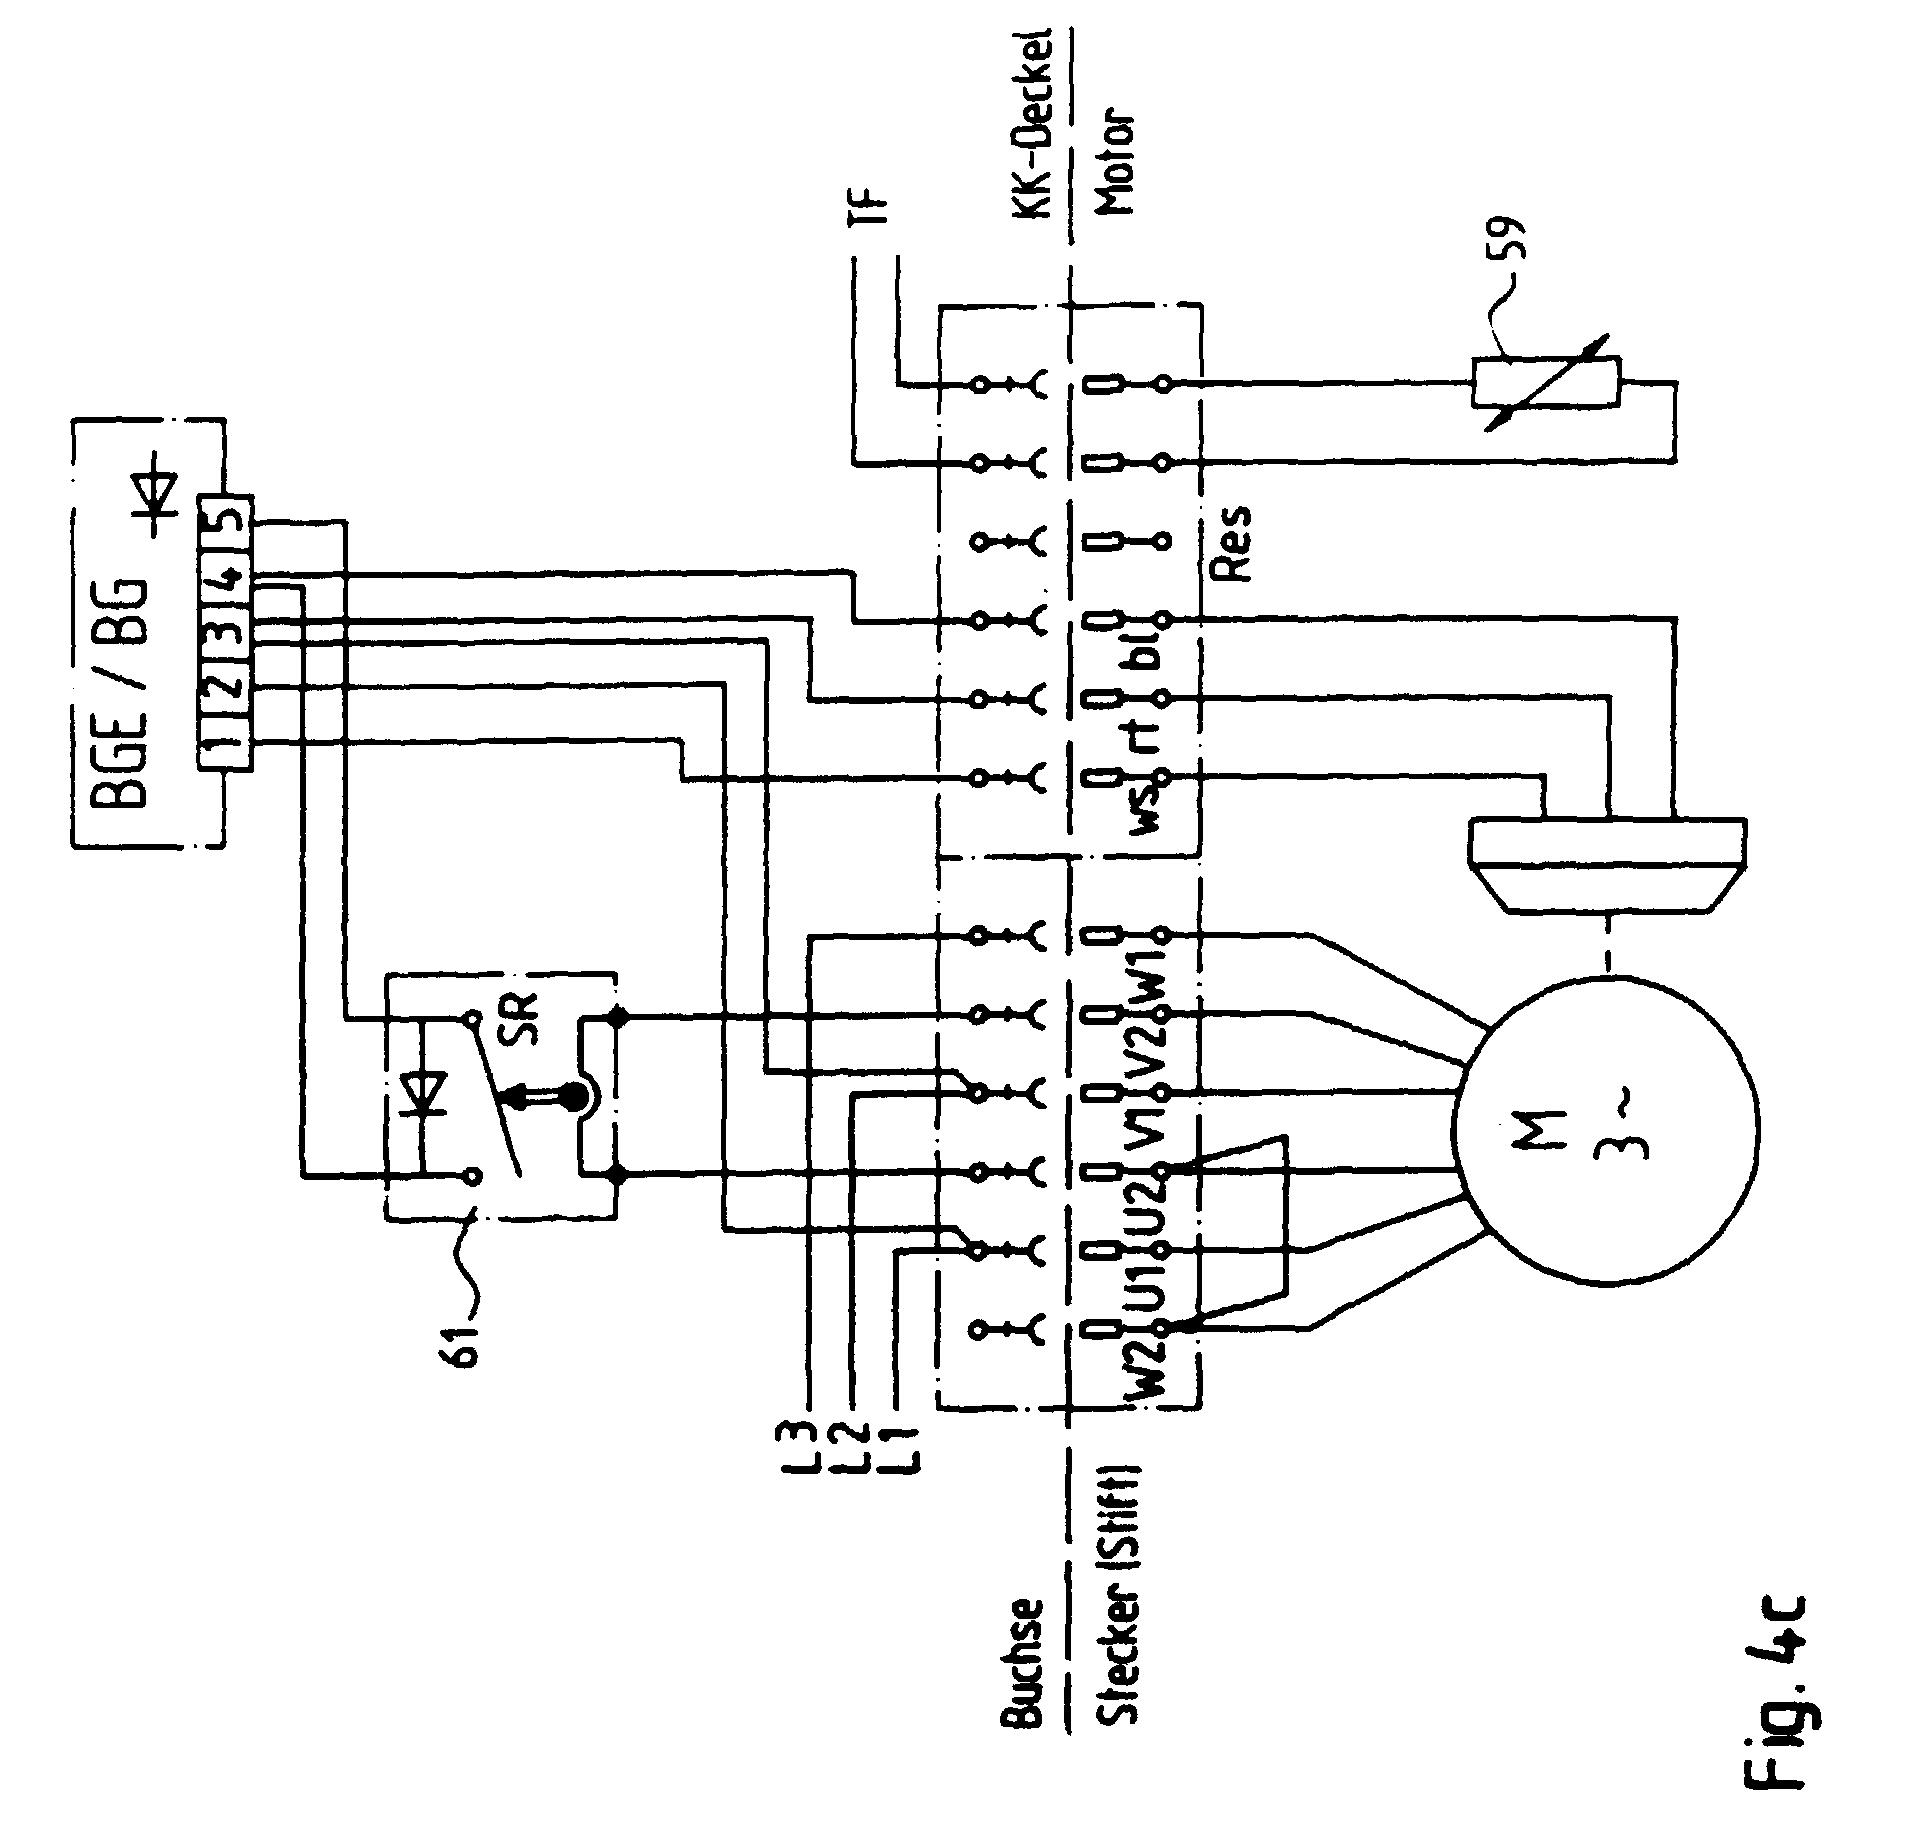 motor terminal box diagram